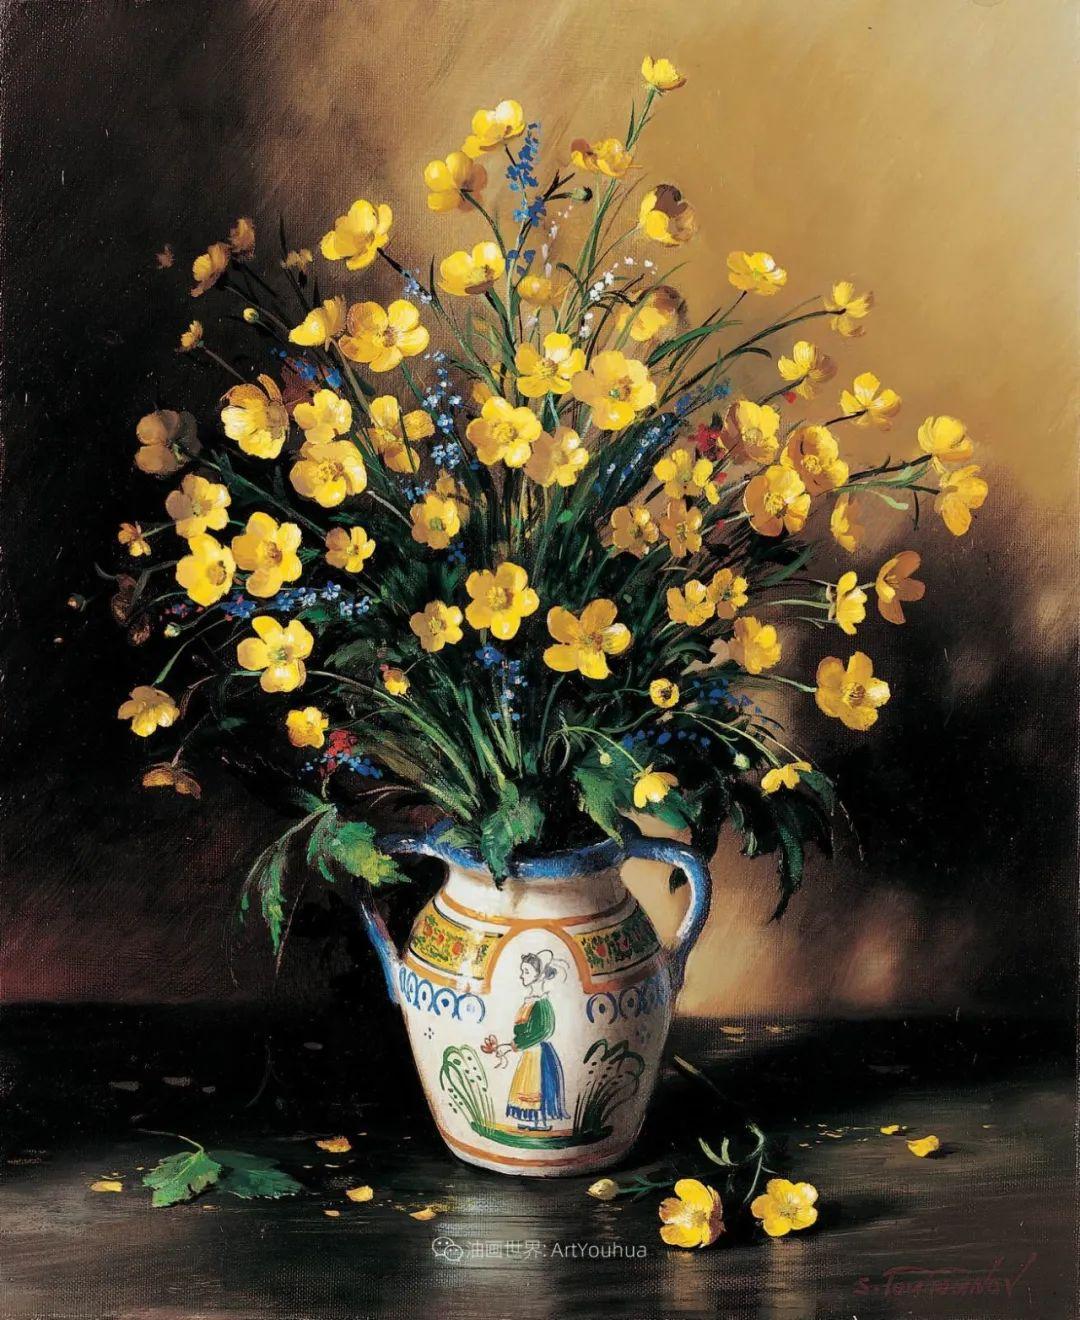 花香袭人,绚丽多彩!俄罗斯画家谢尔盖·图图诺夫插图41